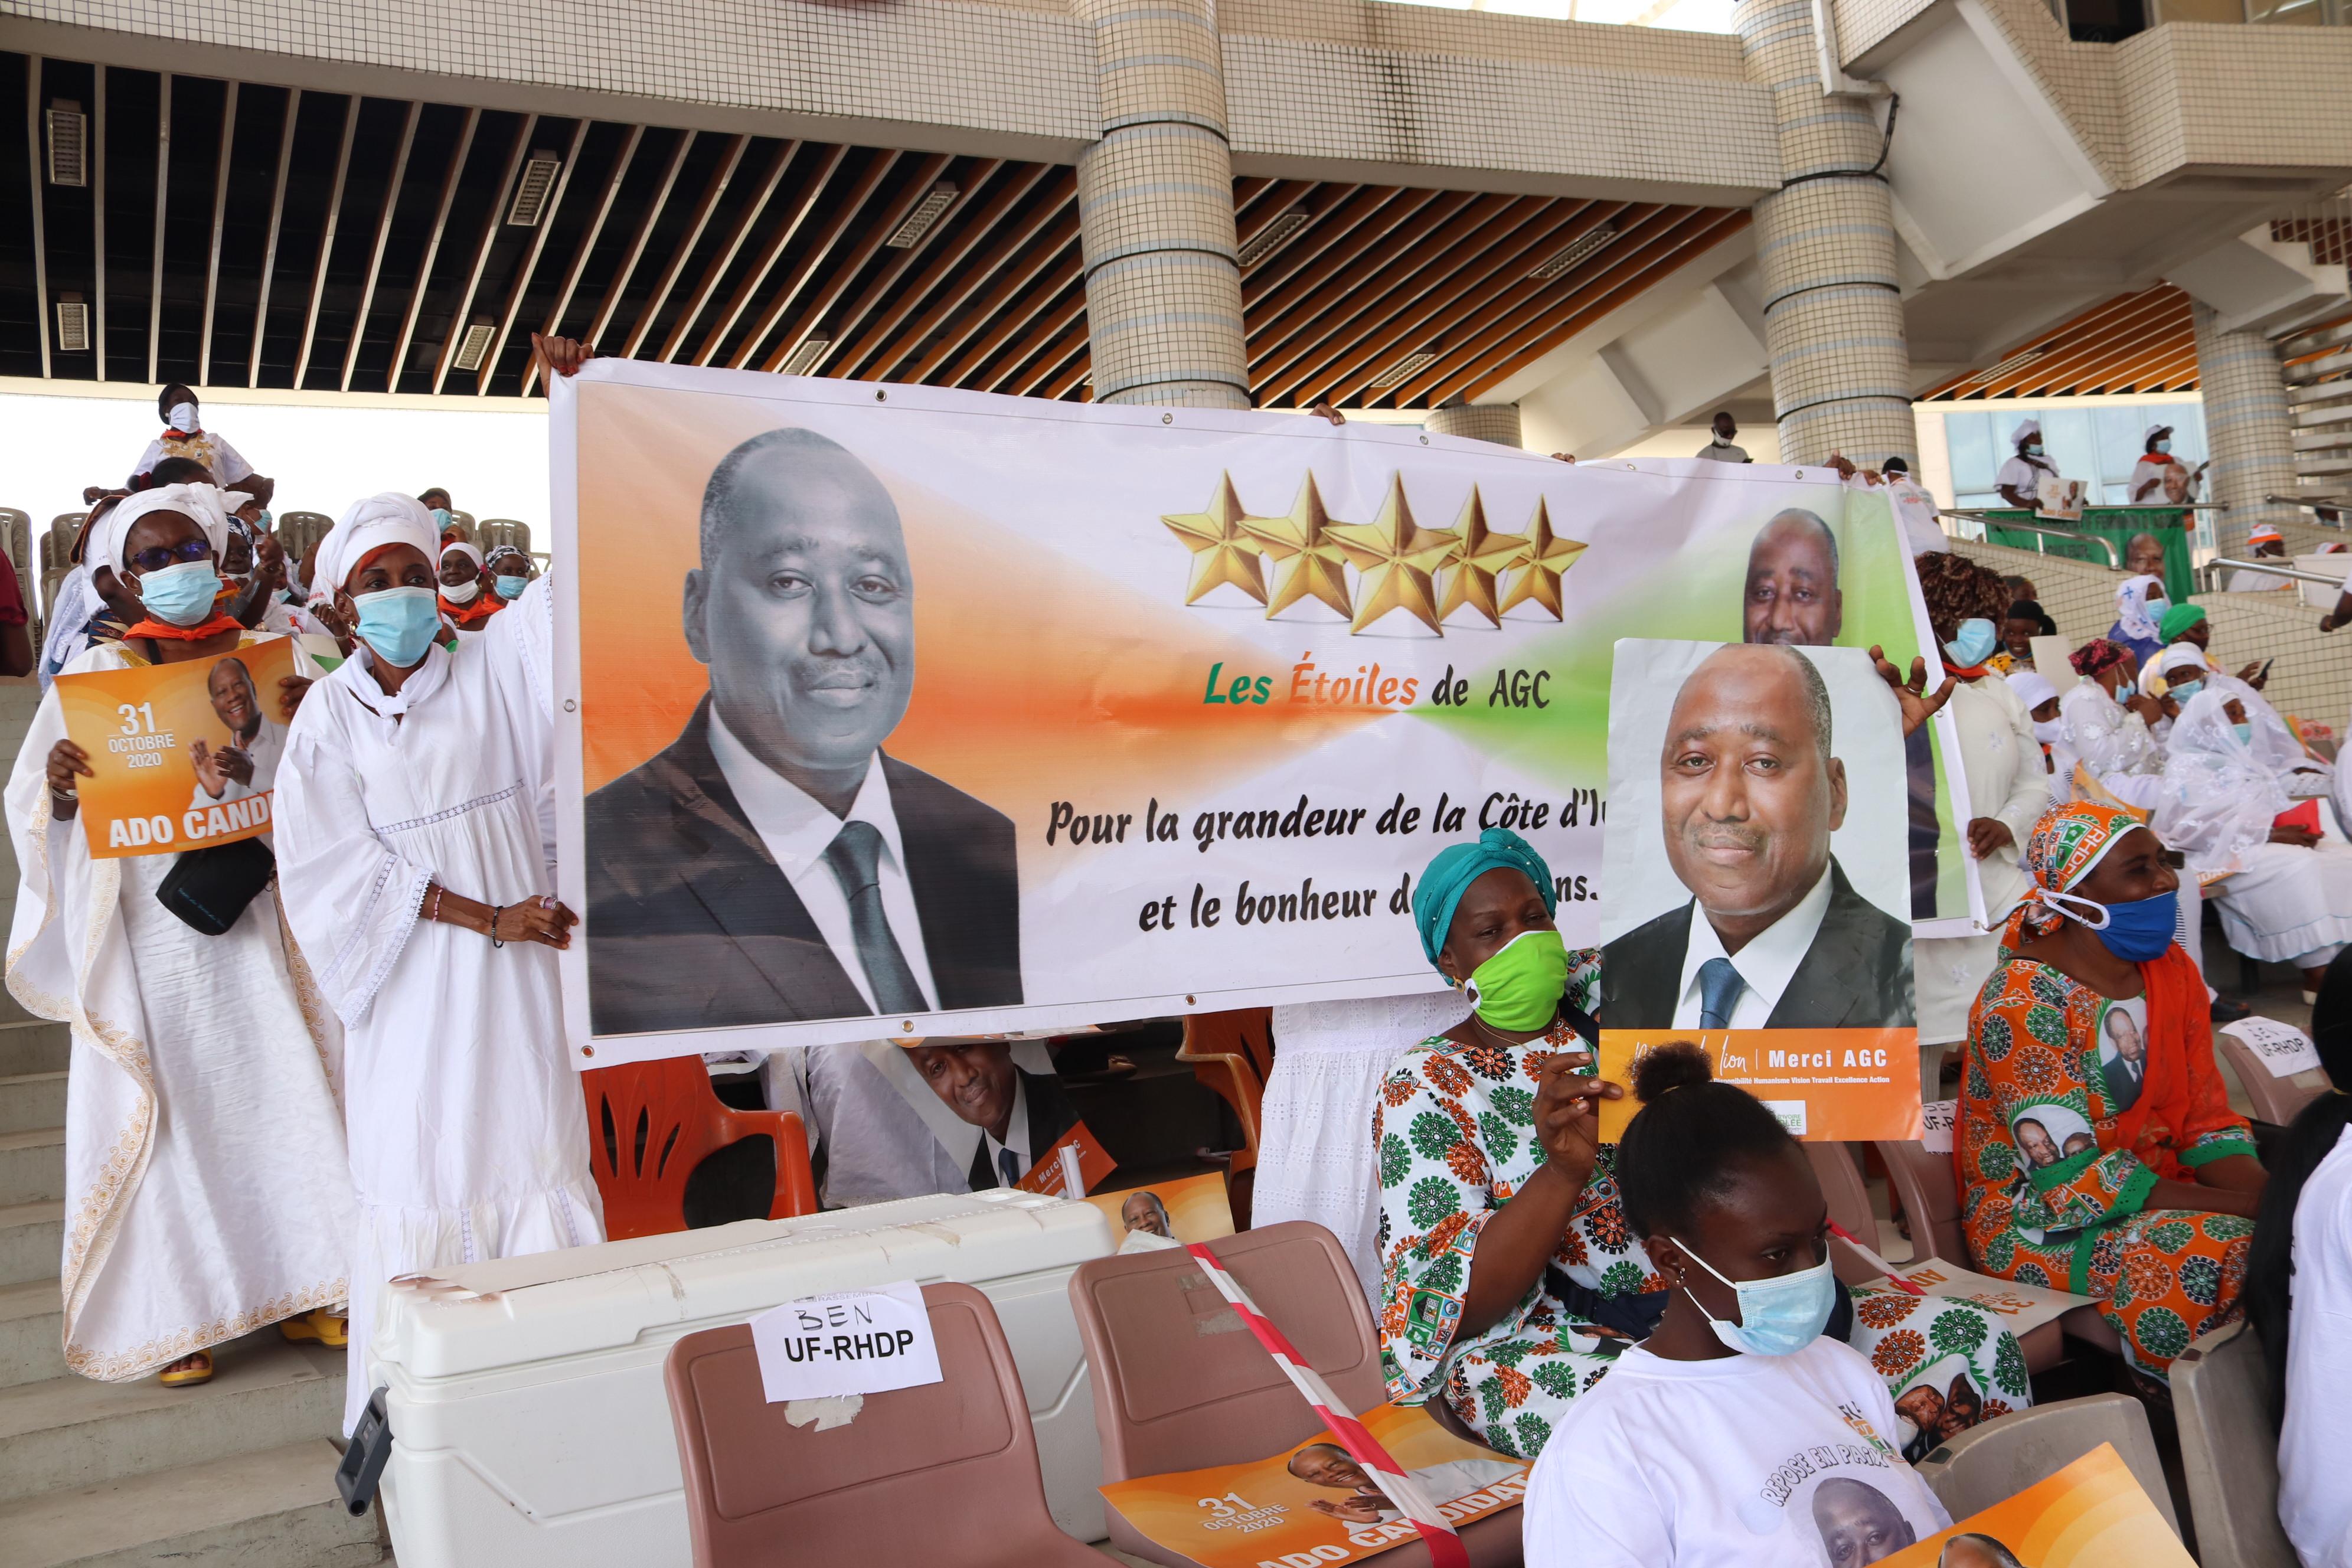 photos-inedites-du-rassemblement-des-femmes-du-rhdp-en-hommage-a-amadou-gon-coulibaly-du-dimanche-26-juillet